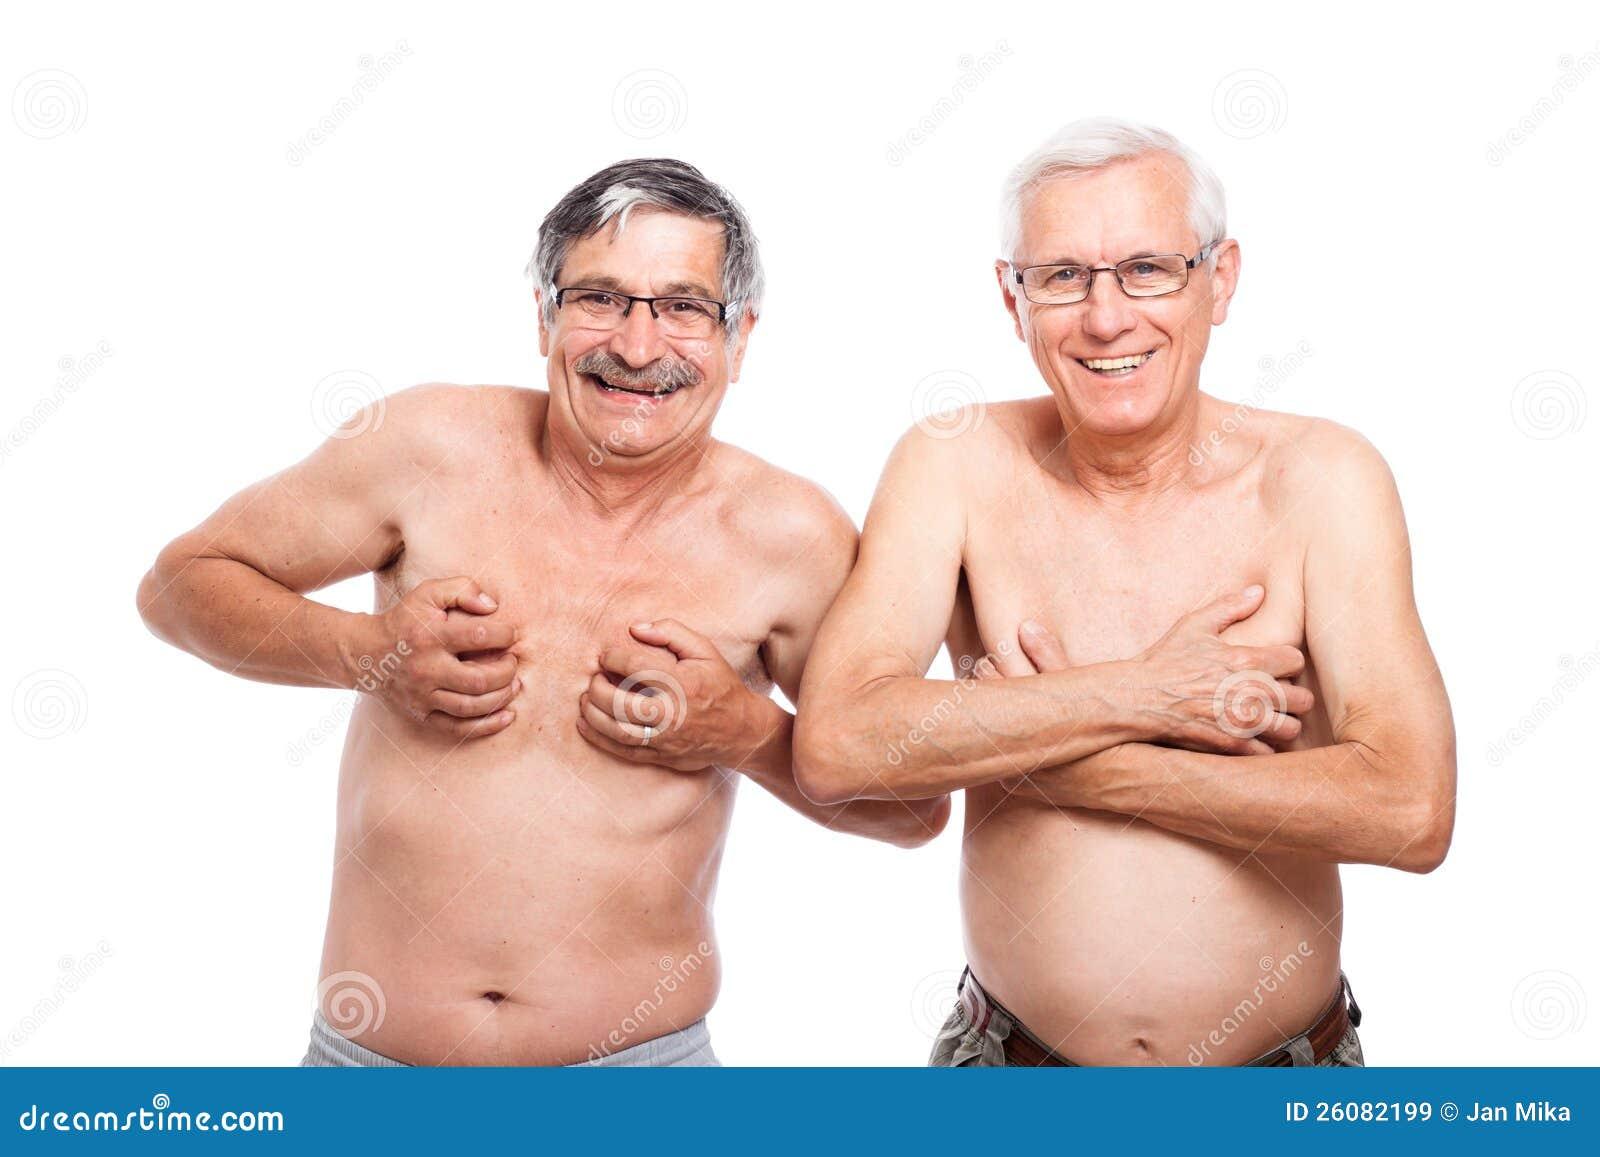 Смешные голые картинки 11 фотография